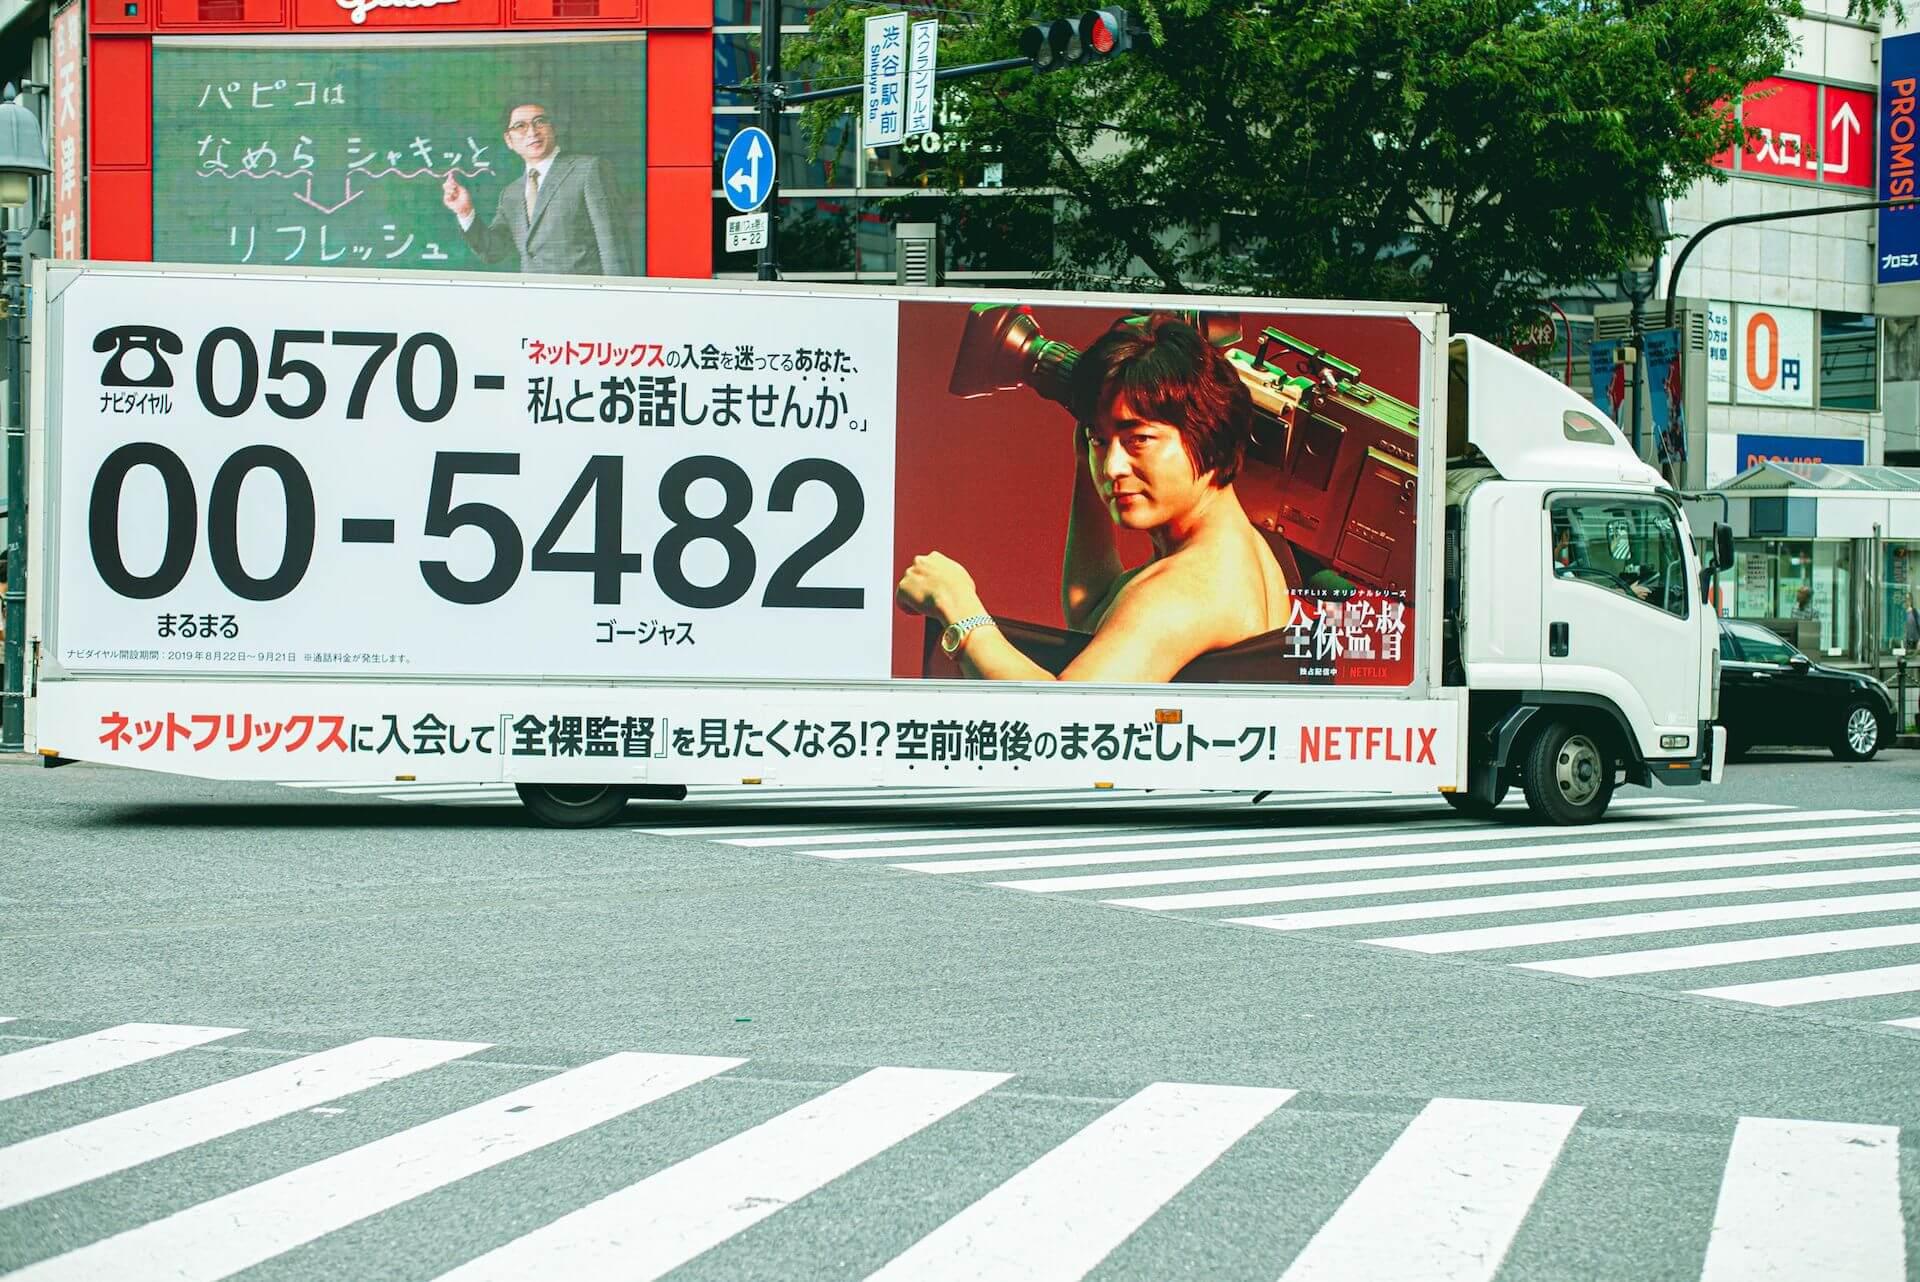 山田孝之演じる村西とおるからゴージャスな営業電話!?『全裸監督』の新たなキャンペーンはもう見かけた? film190903-zenra-1